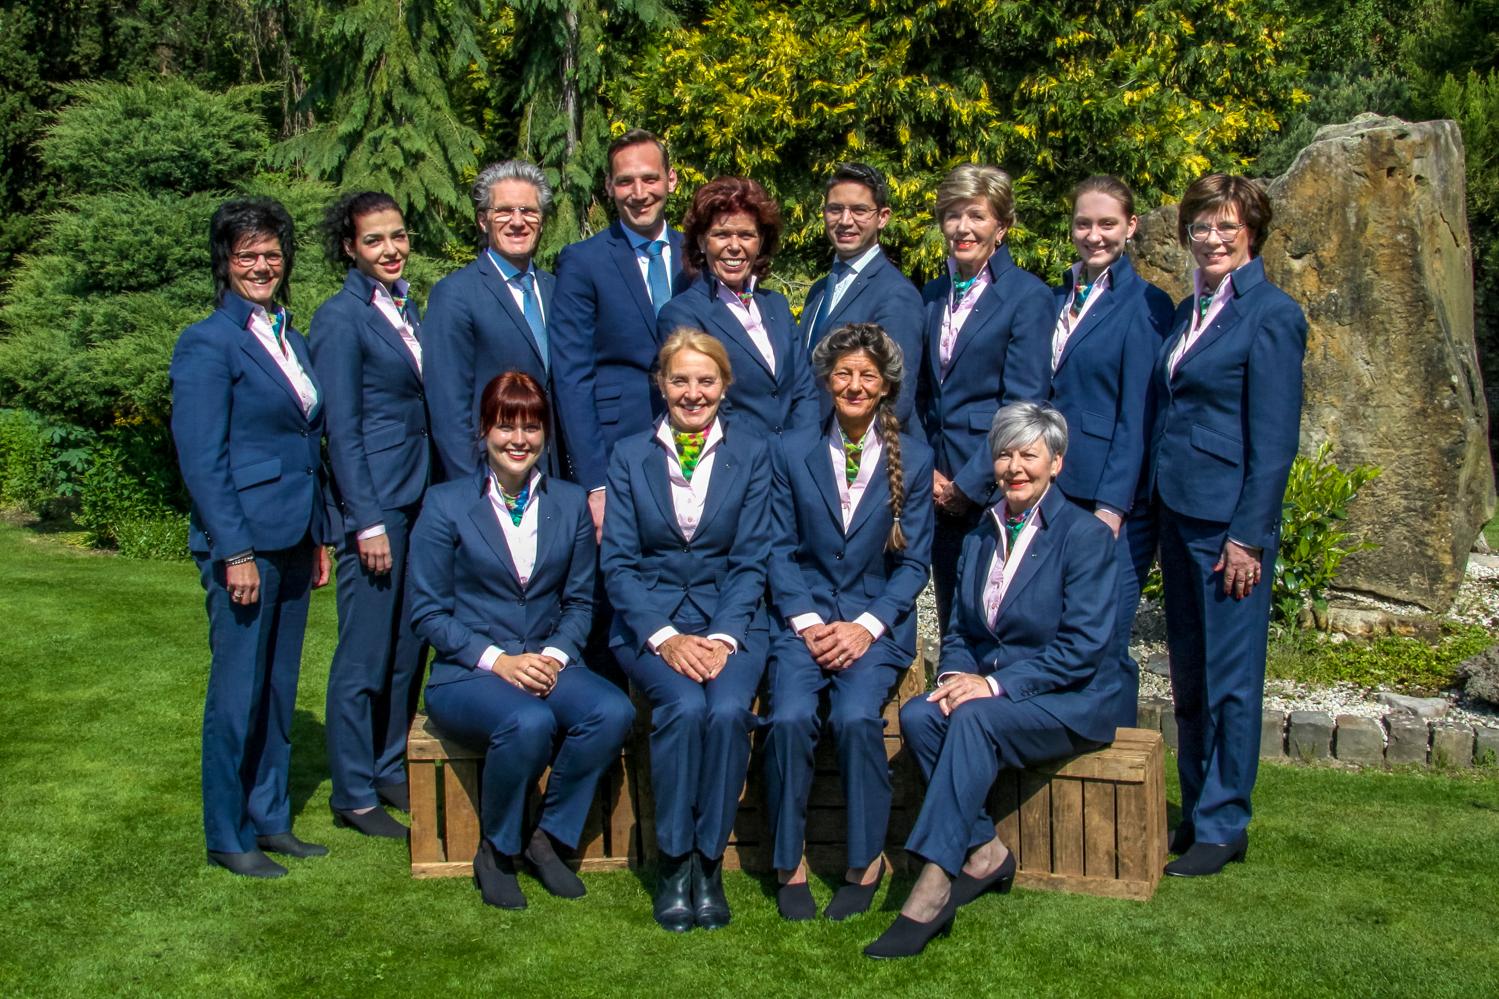 Team Christine Veldhoen Uitvaartzorg - Samen met hart en ziel betrokken